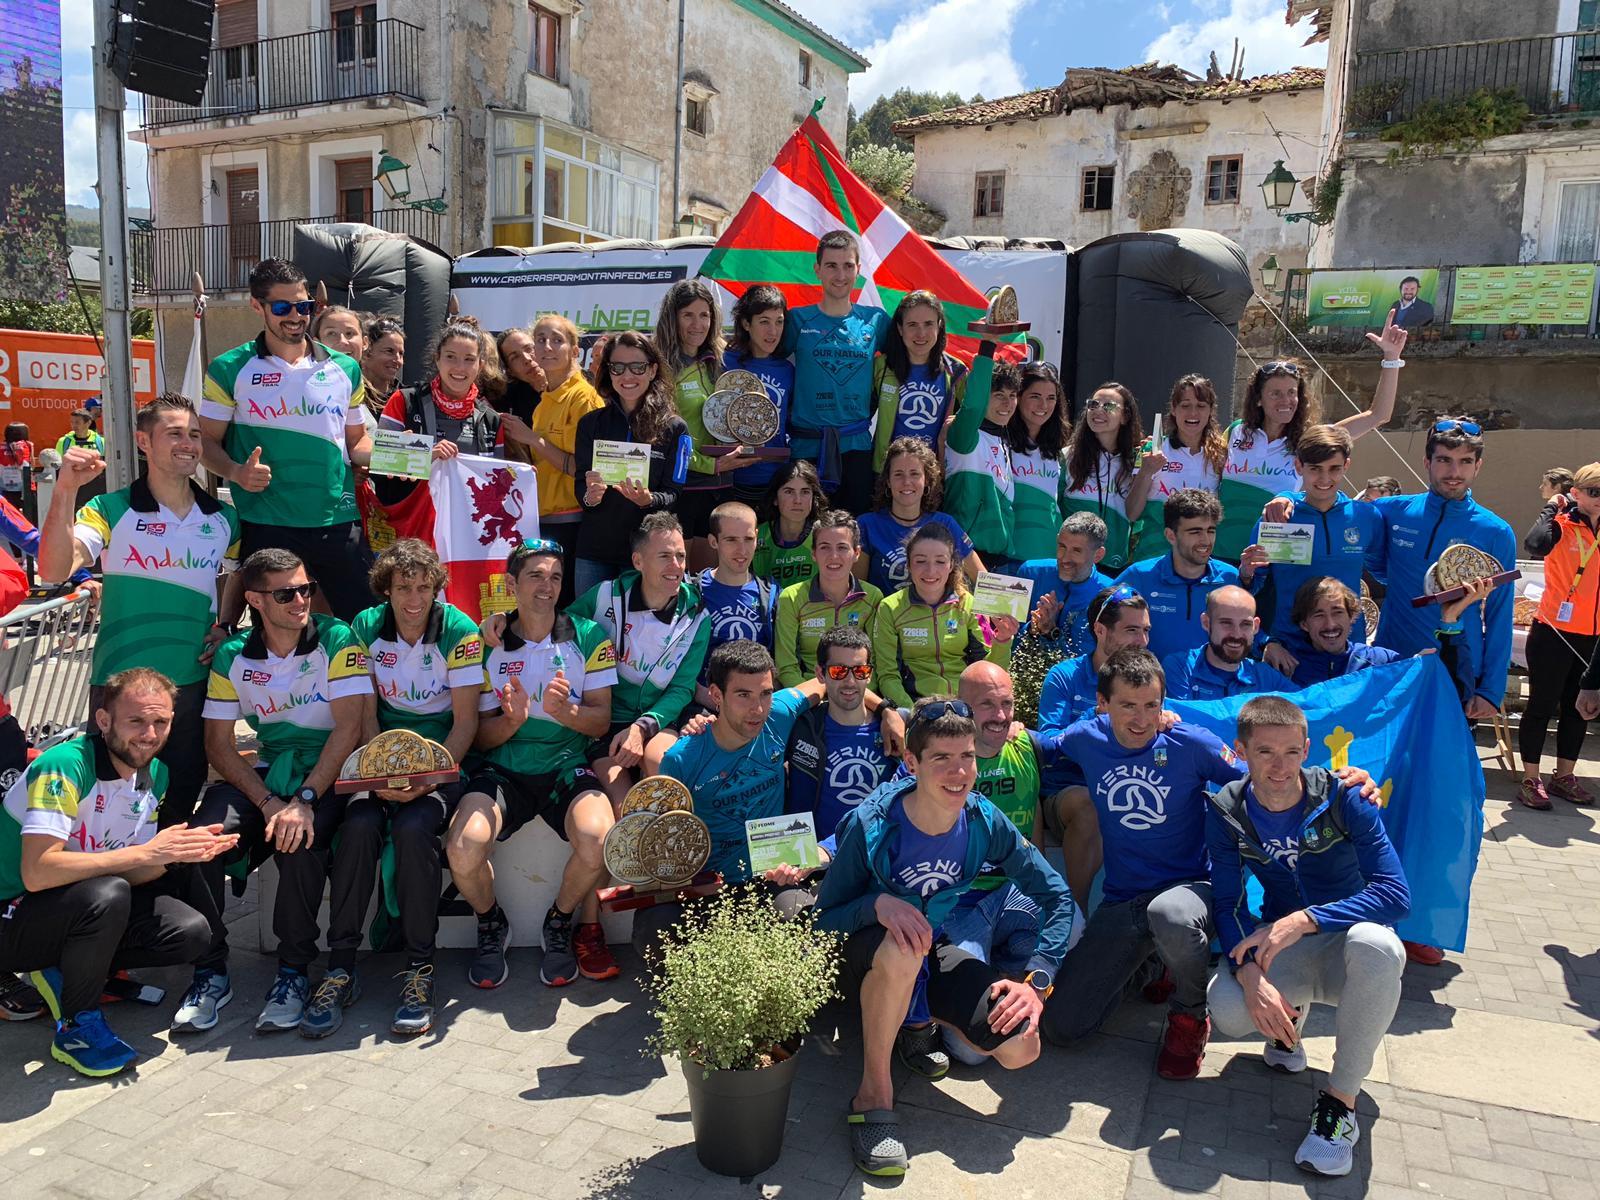 Oier Ariznabarreta y Ainhoa Sanz son los nuevos Campeones de España de Carreras por Montaña FEDME –Gran Premio Tuga